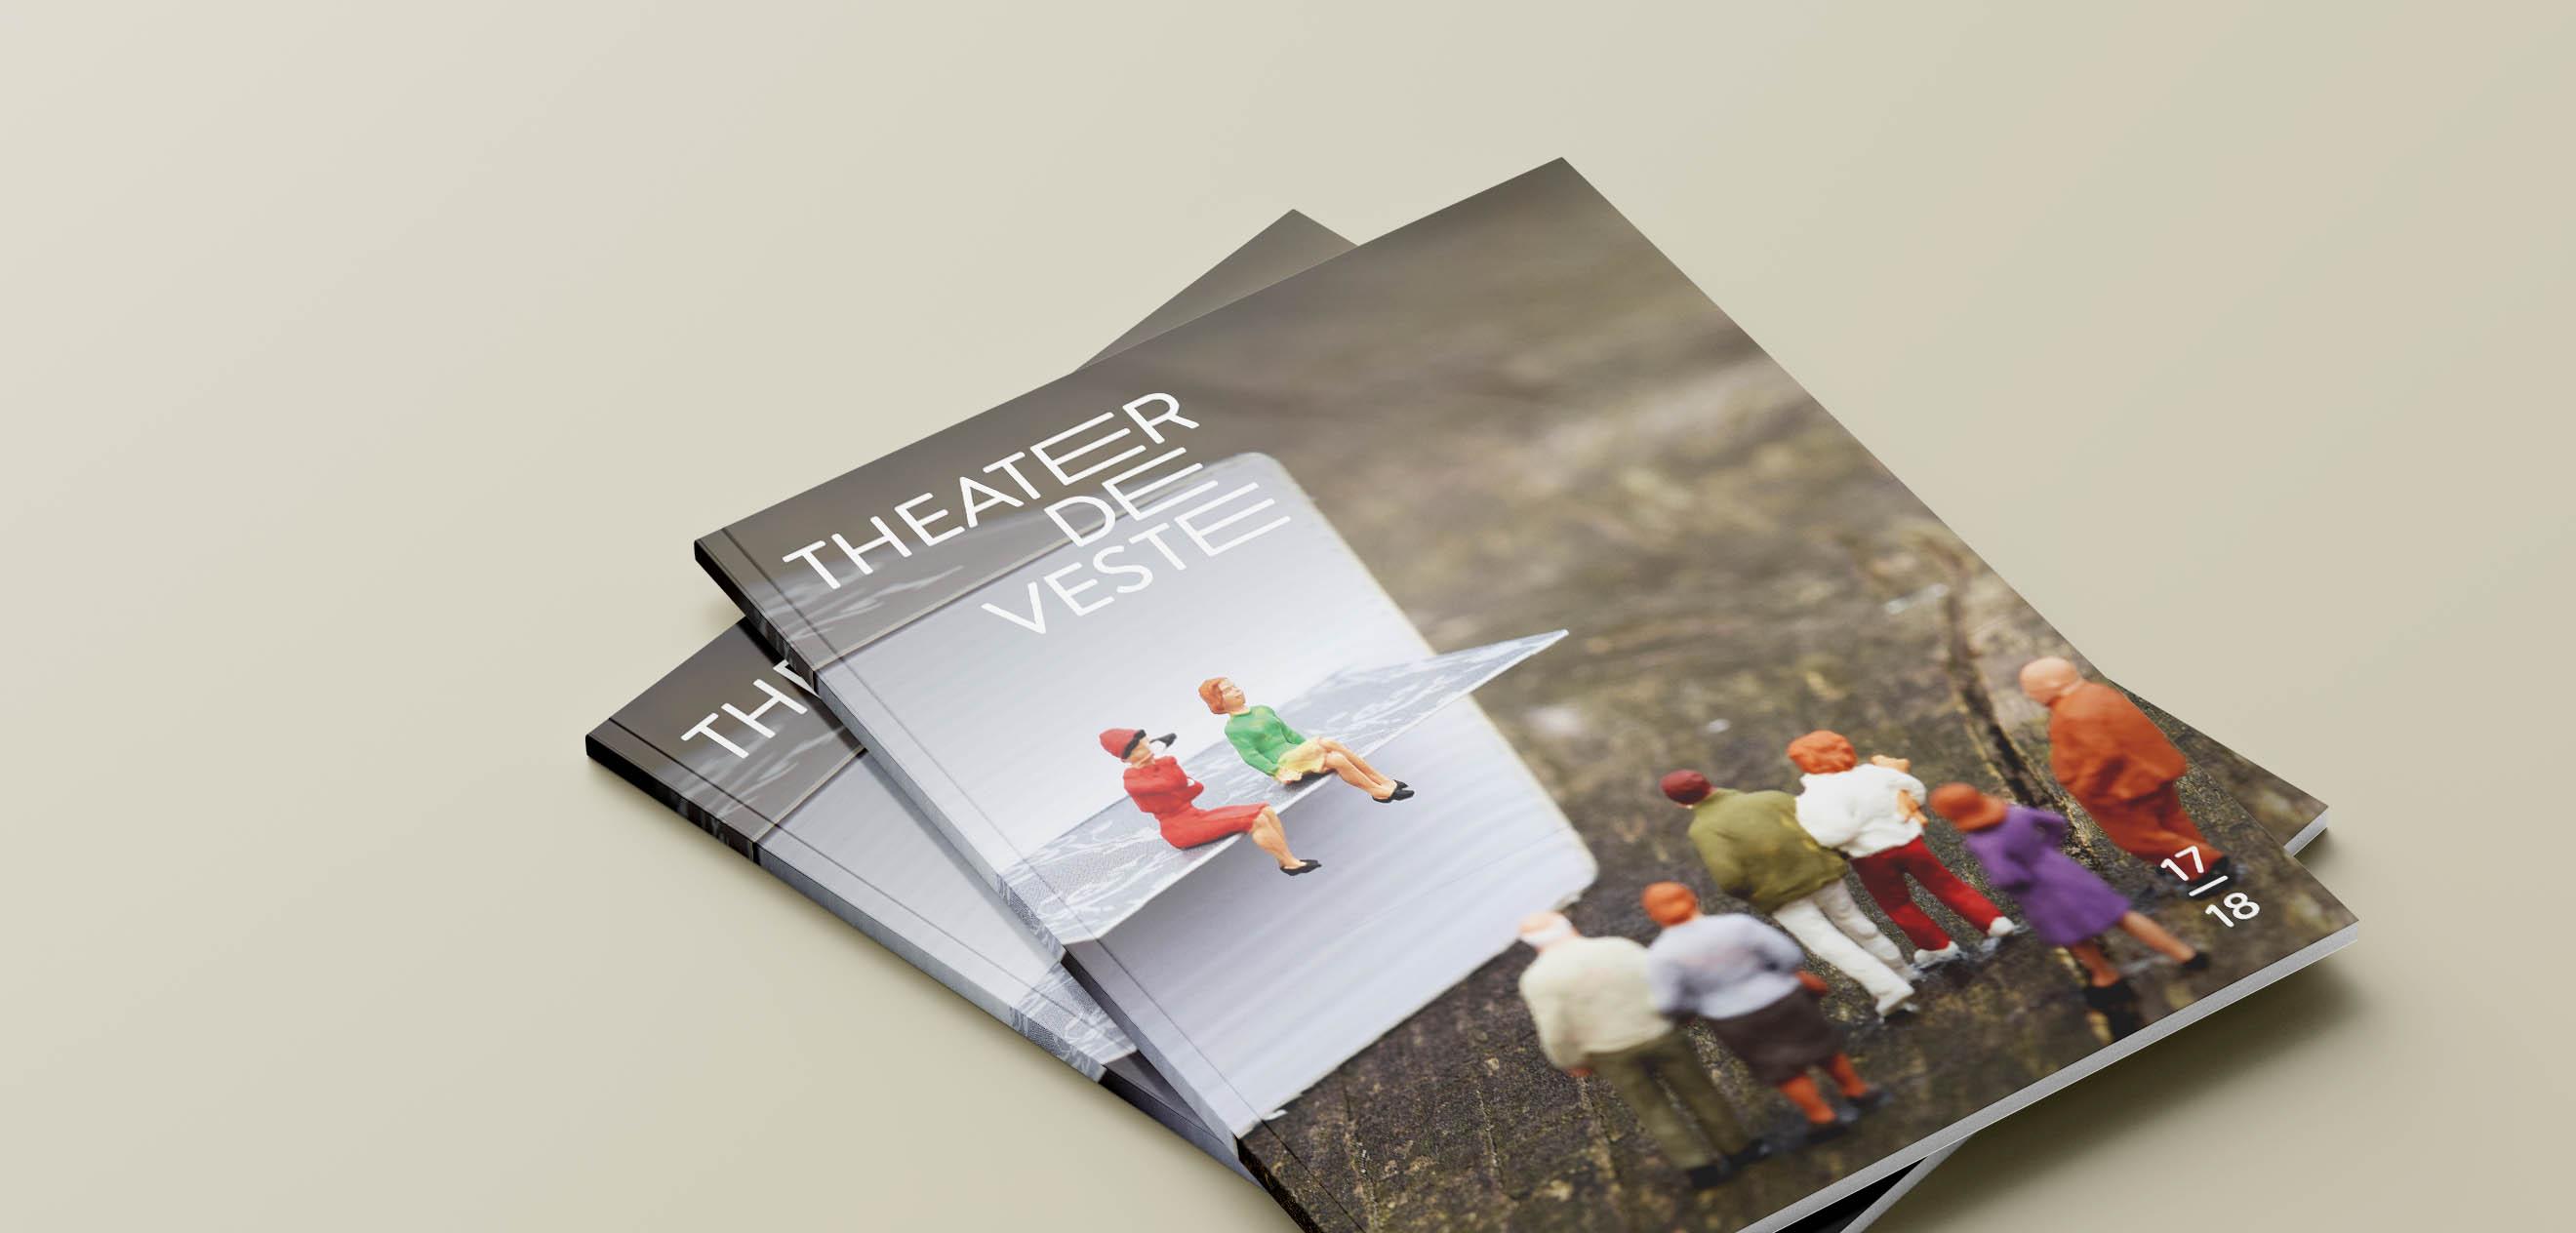 Theater de Veste, Seizoen 17|18, Studio Enkelvoud, seizoensbrochure, toneel, campagnebeeld, grafisch ontwerp, fotografie, miniatuur, miniature